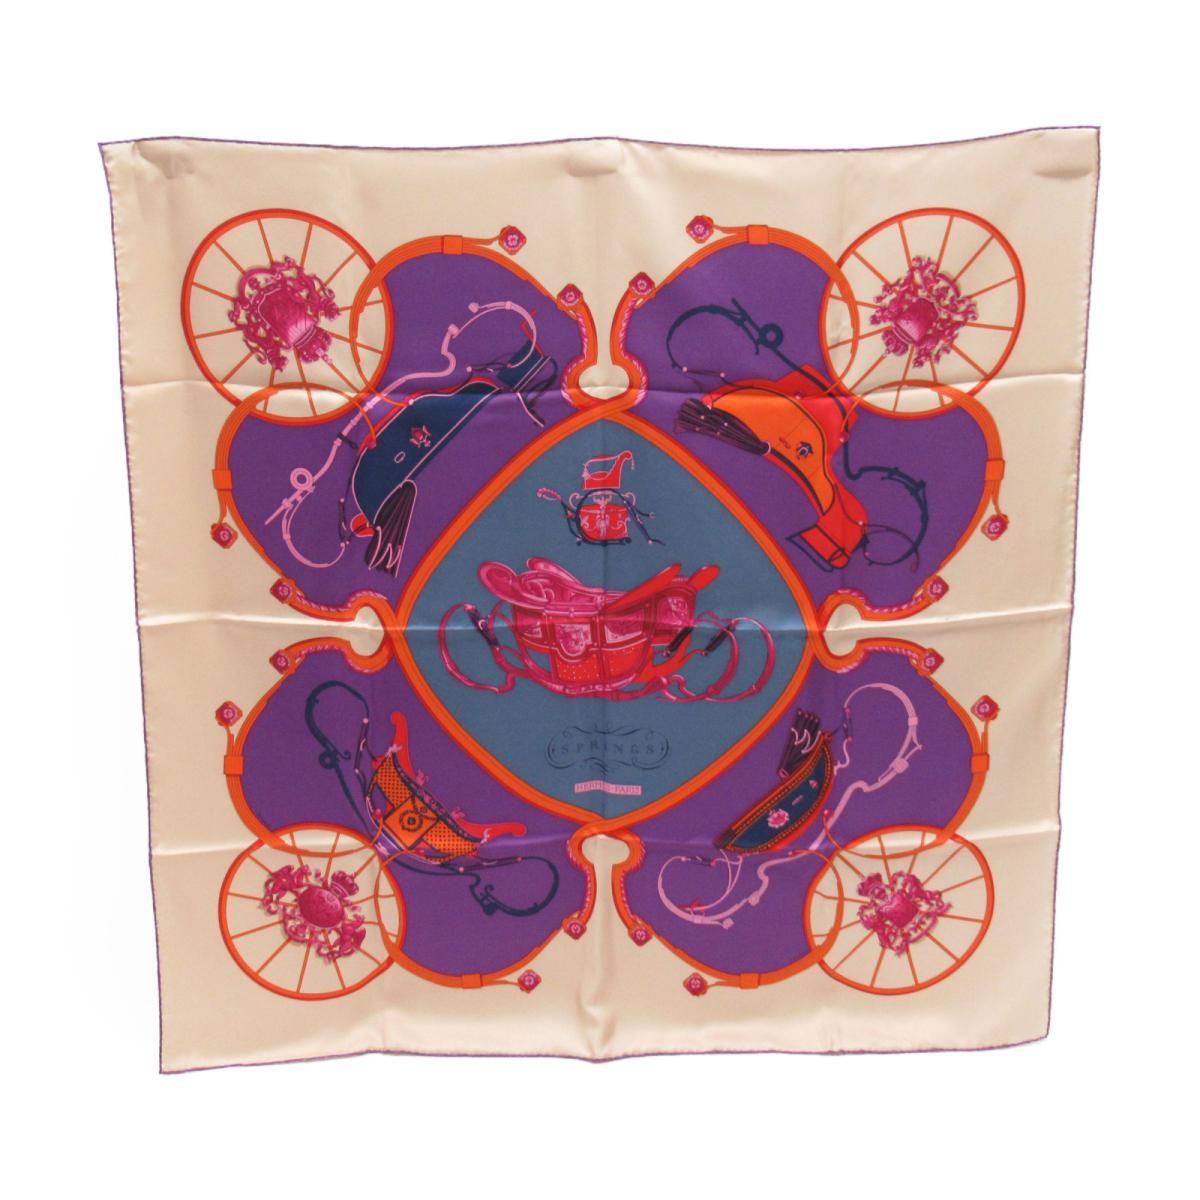 スカーフ カレ90「SPRINGS」/おすすめ/SALE